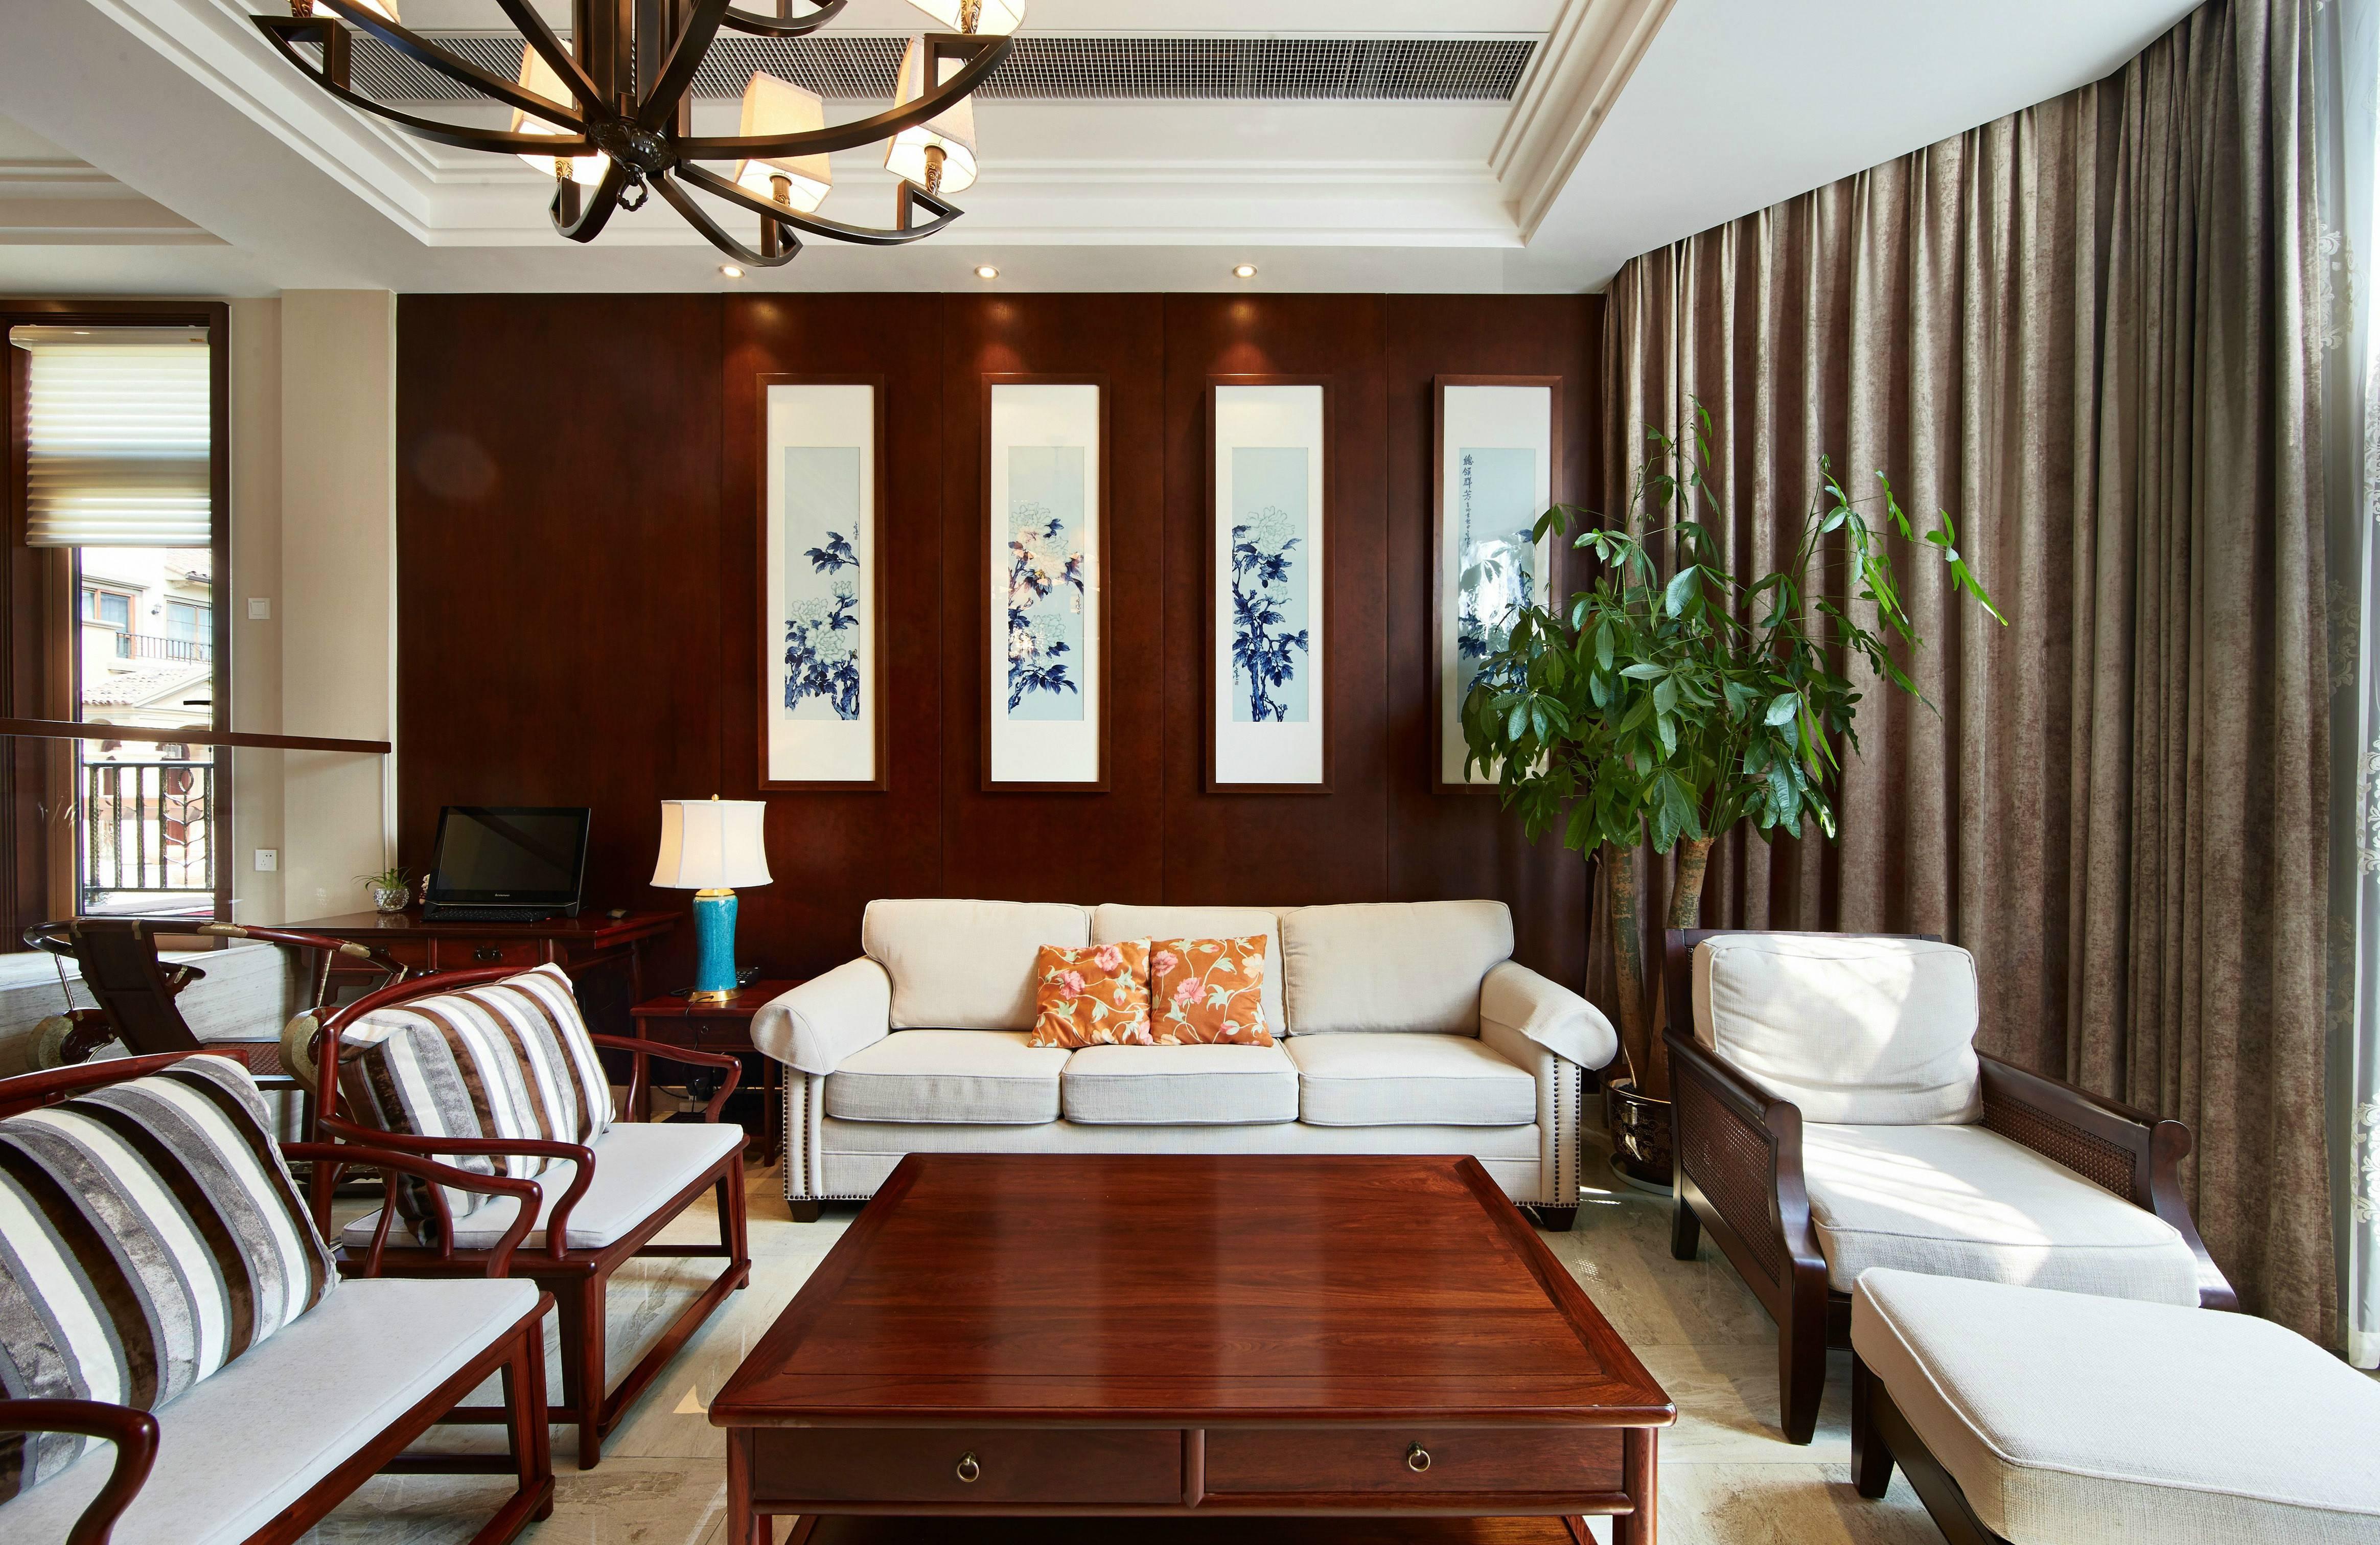 中式风格别墅沙发背景墙装修效果图